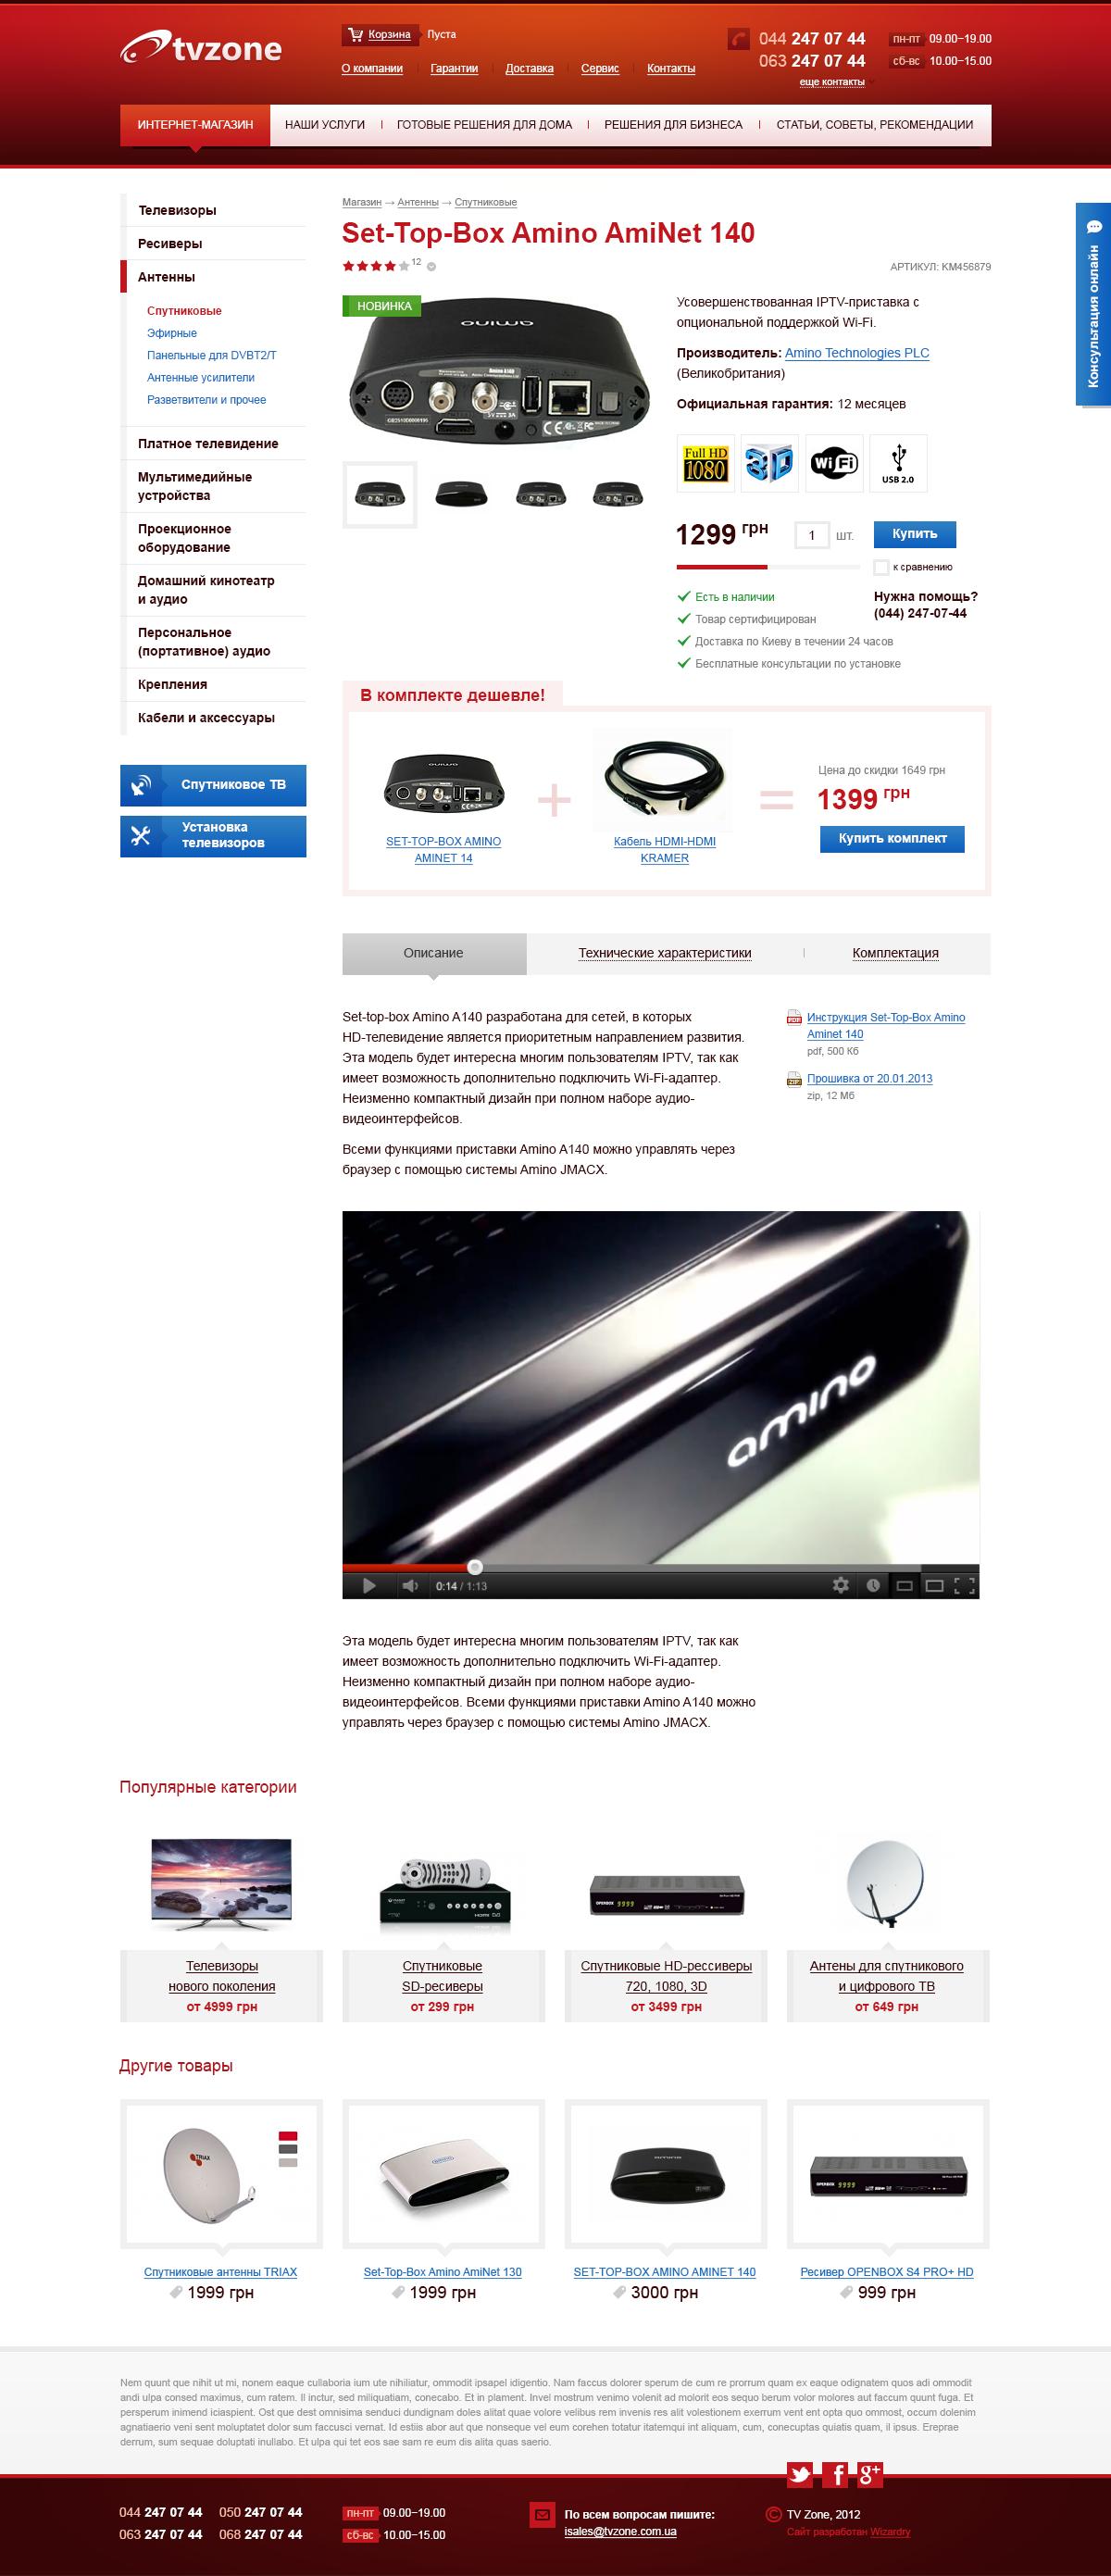 tvzone design site